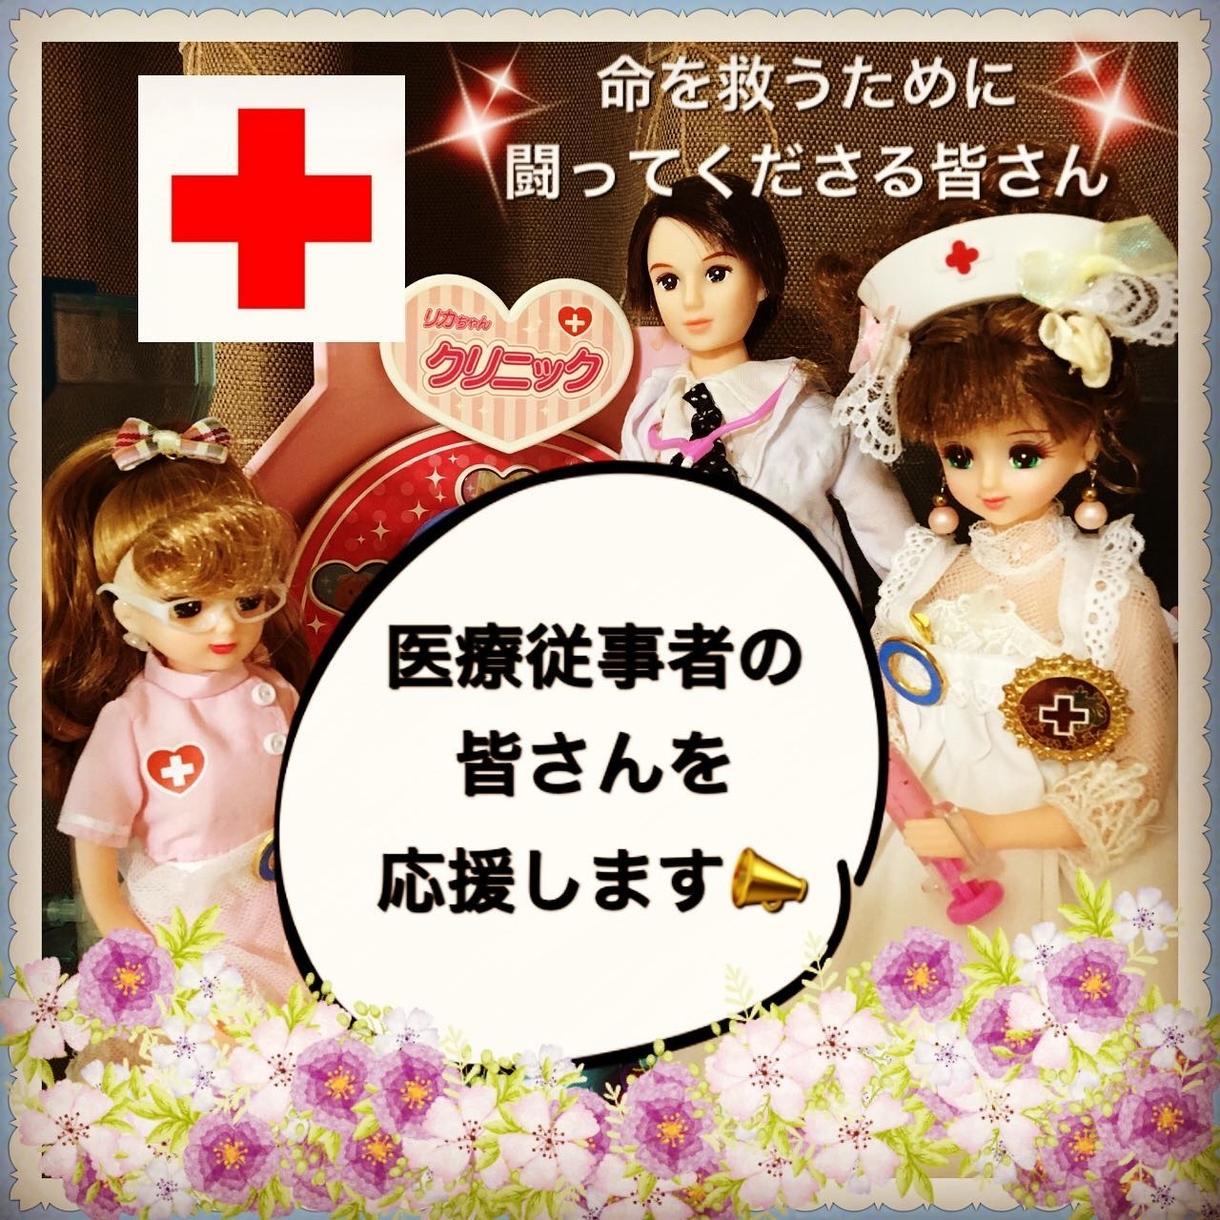 リカちゃん人形の広告を作ります リカちゃん人形の画像で企業広告を作ります。 イメージ1